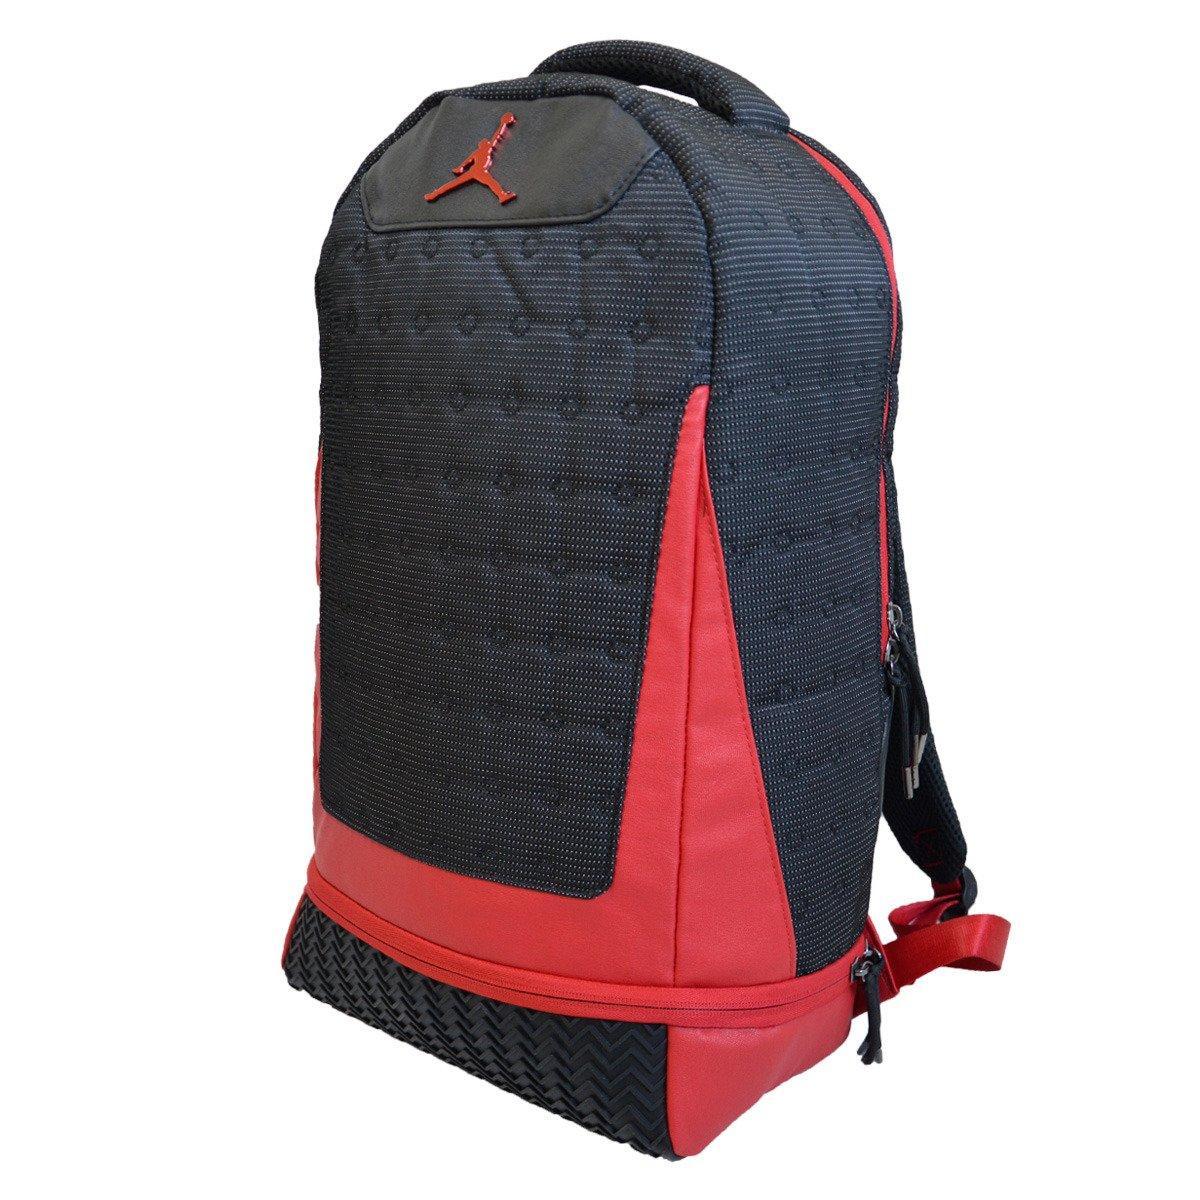 a1564df28ed1db Air Jordan Retro 13 Backpack - 9A1898-KR5